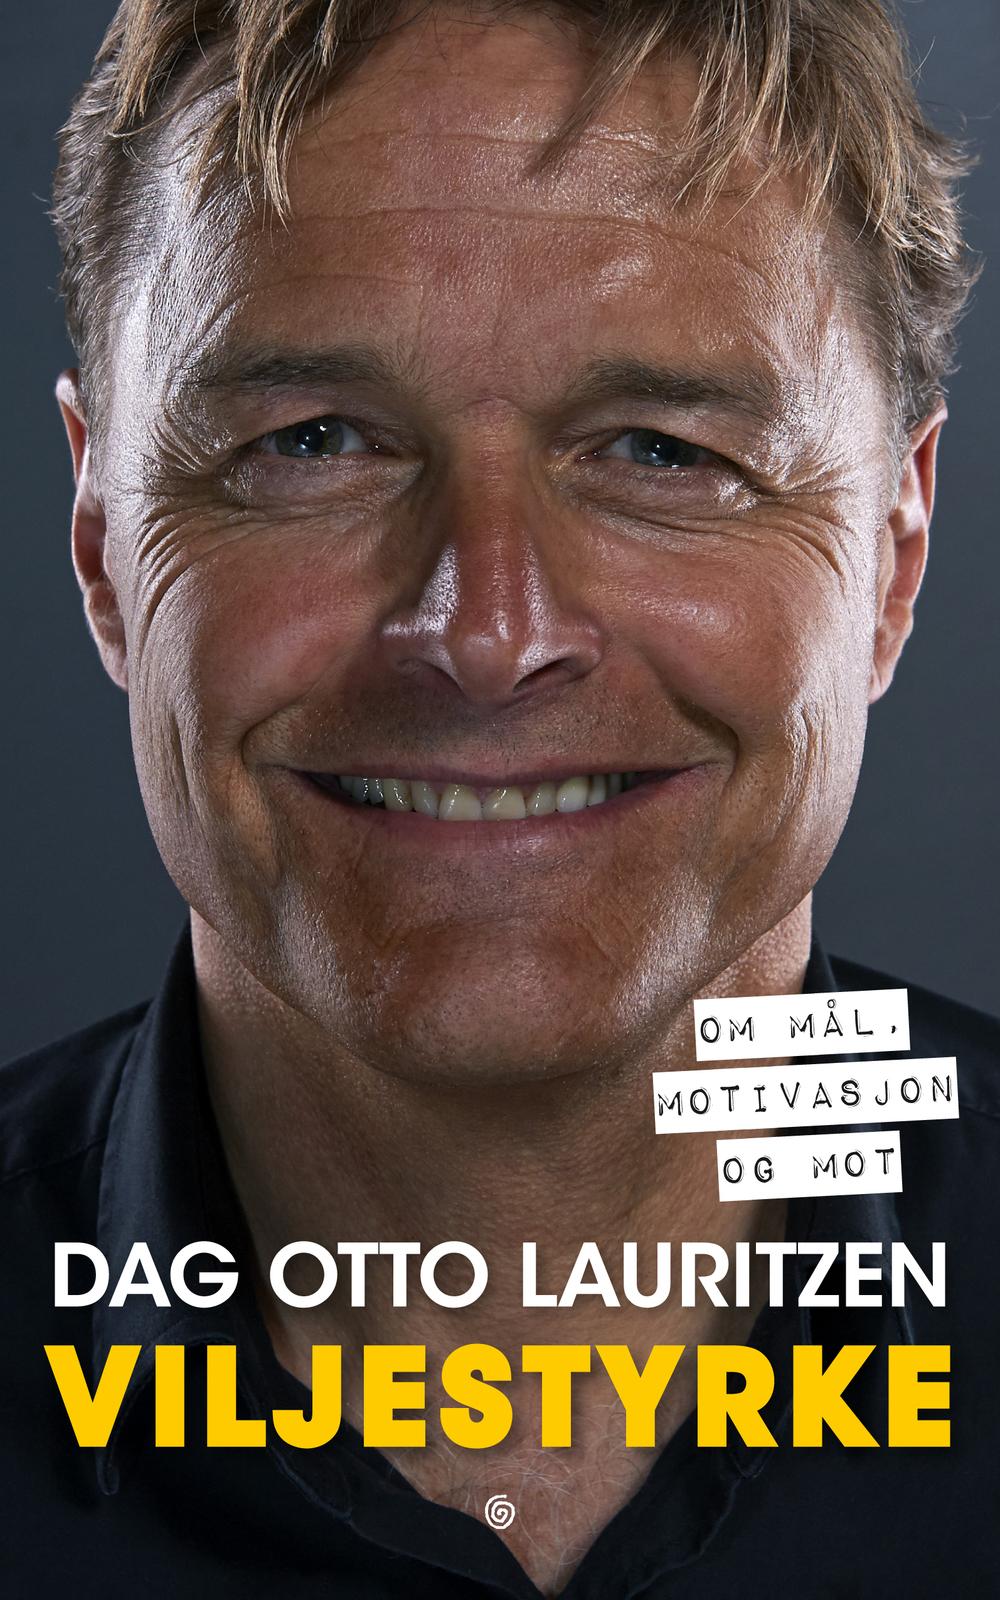 Viljestyrke - slik trener du din mentale muskel (Kagge Forlag 2013)